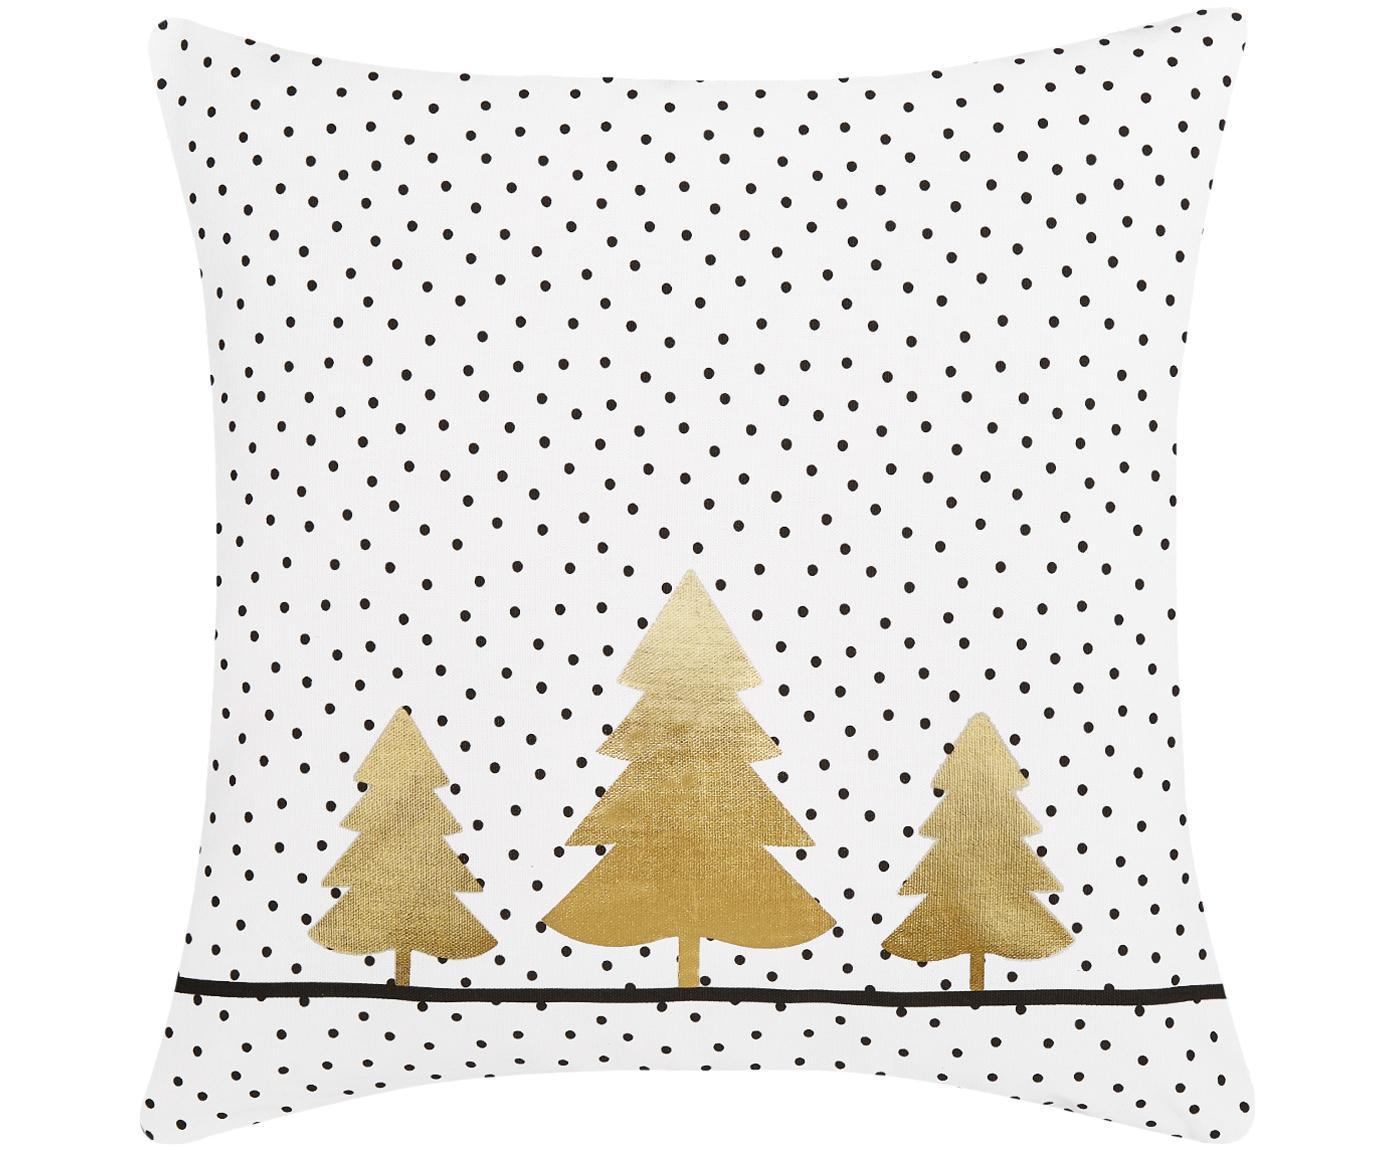 Poszewka na poduszkę Yule, 100 % bawełna, Biały, czarny, złoty, S 40 x D 40 cm